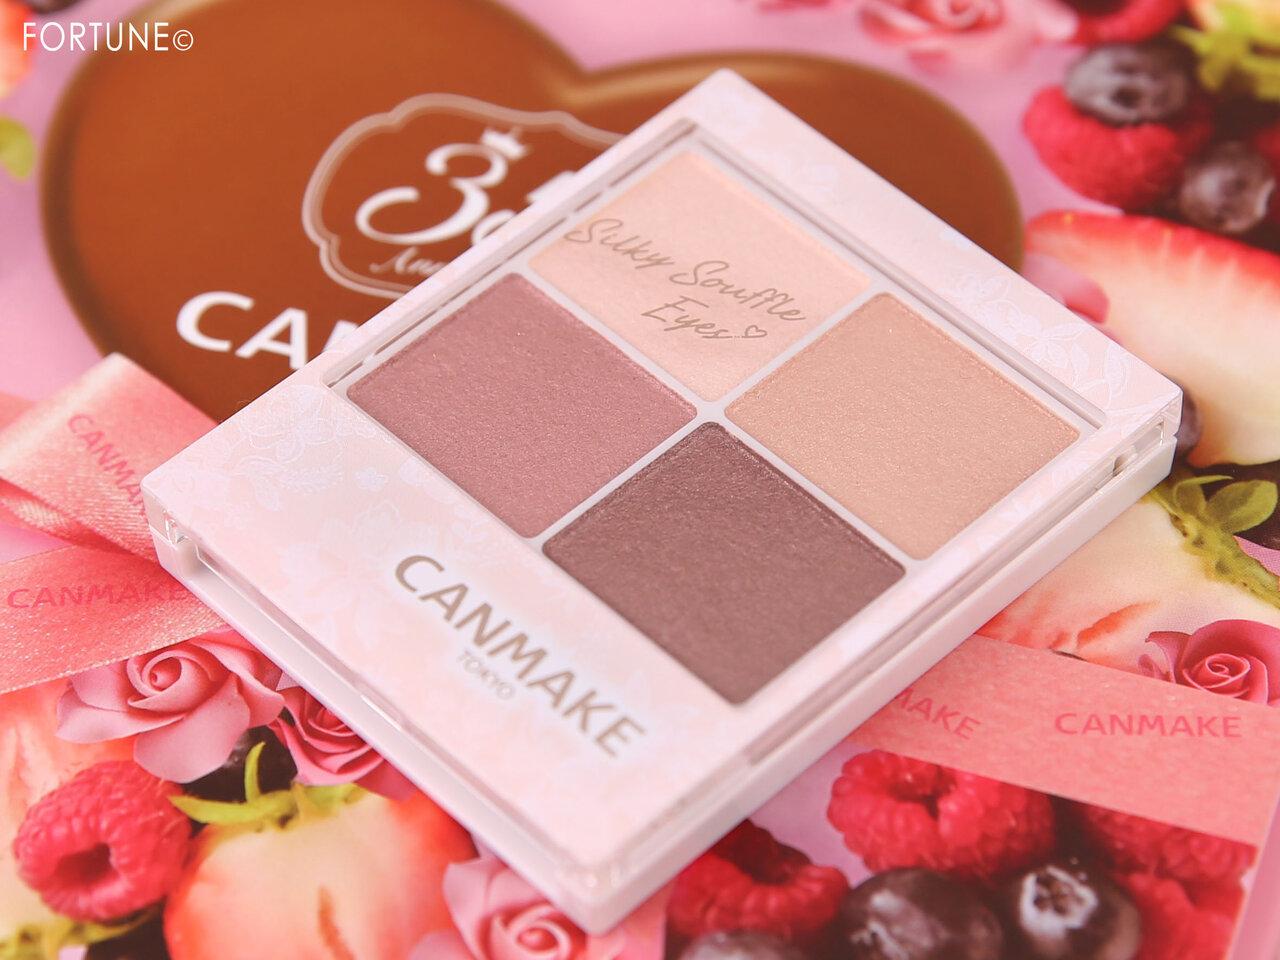 画像:CANMAKE(キャンメイク)「35thコフレ」BOX 「シルキースフレアイズ 02」